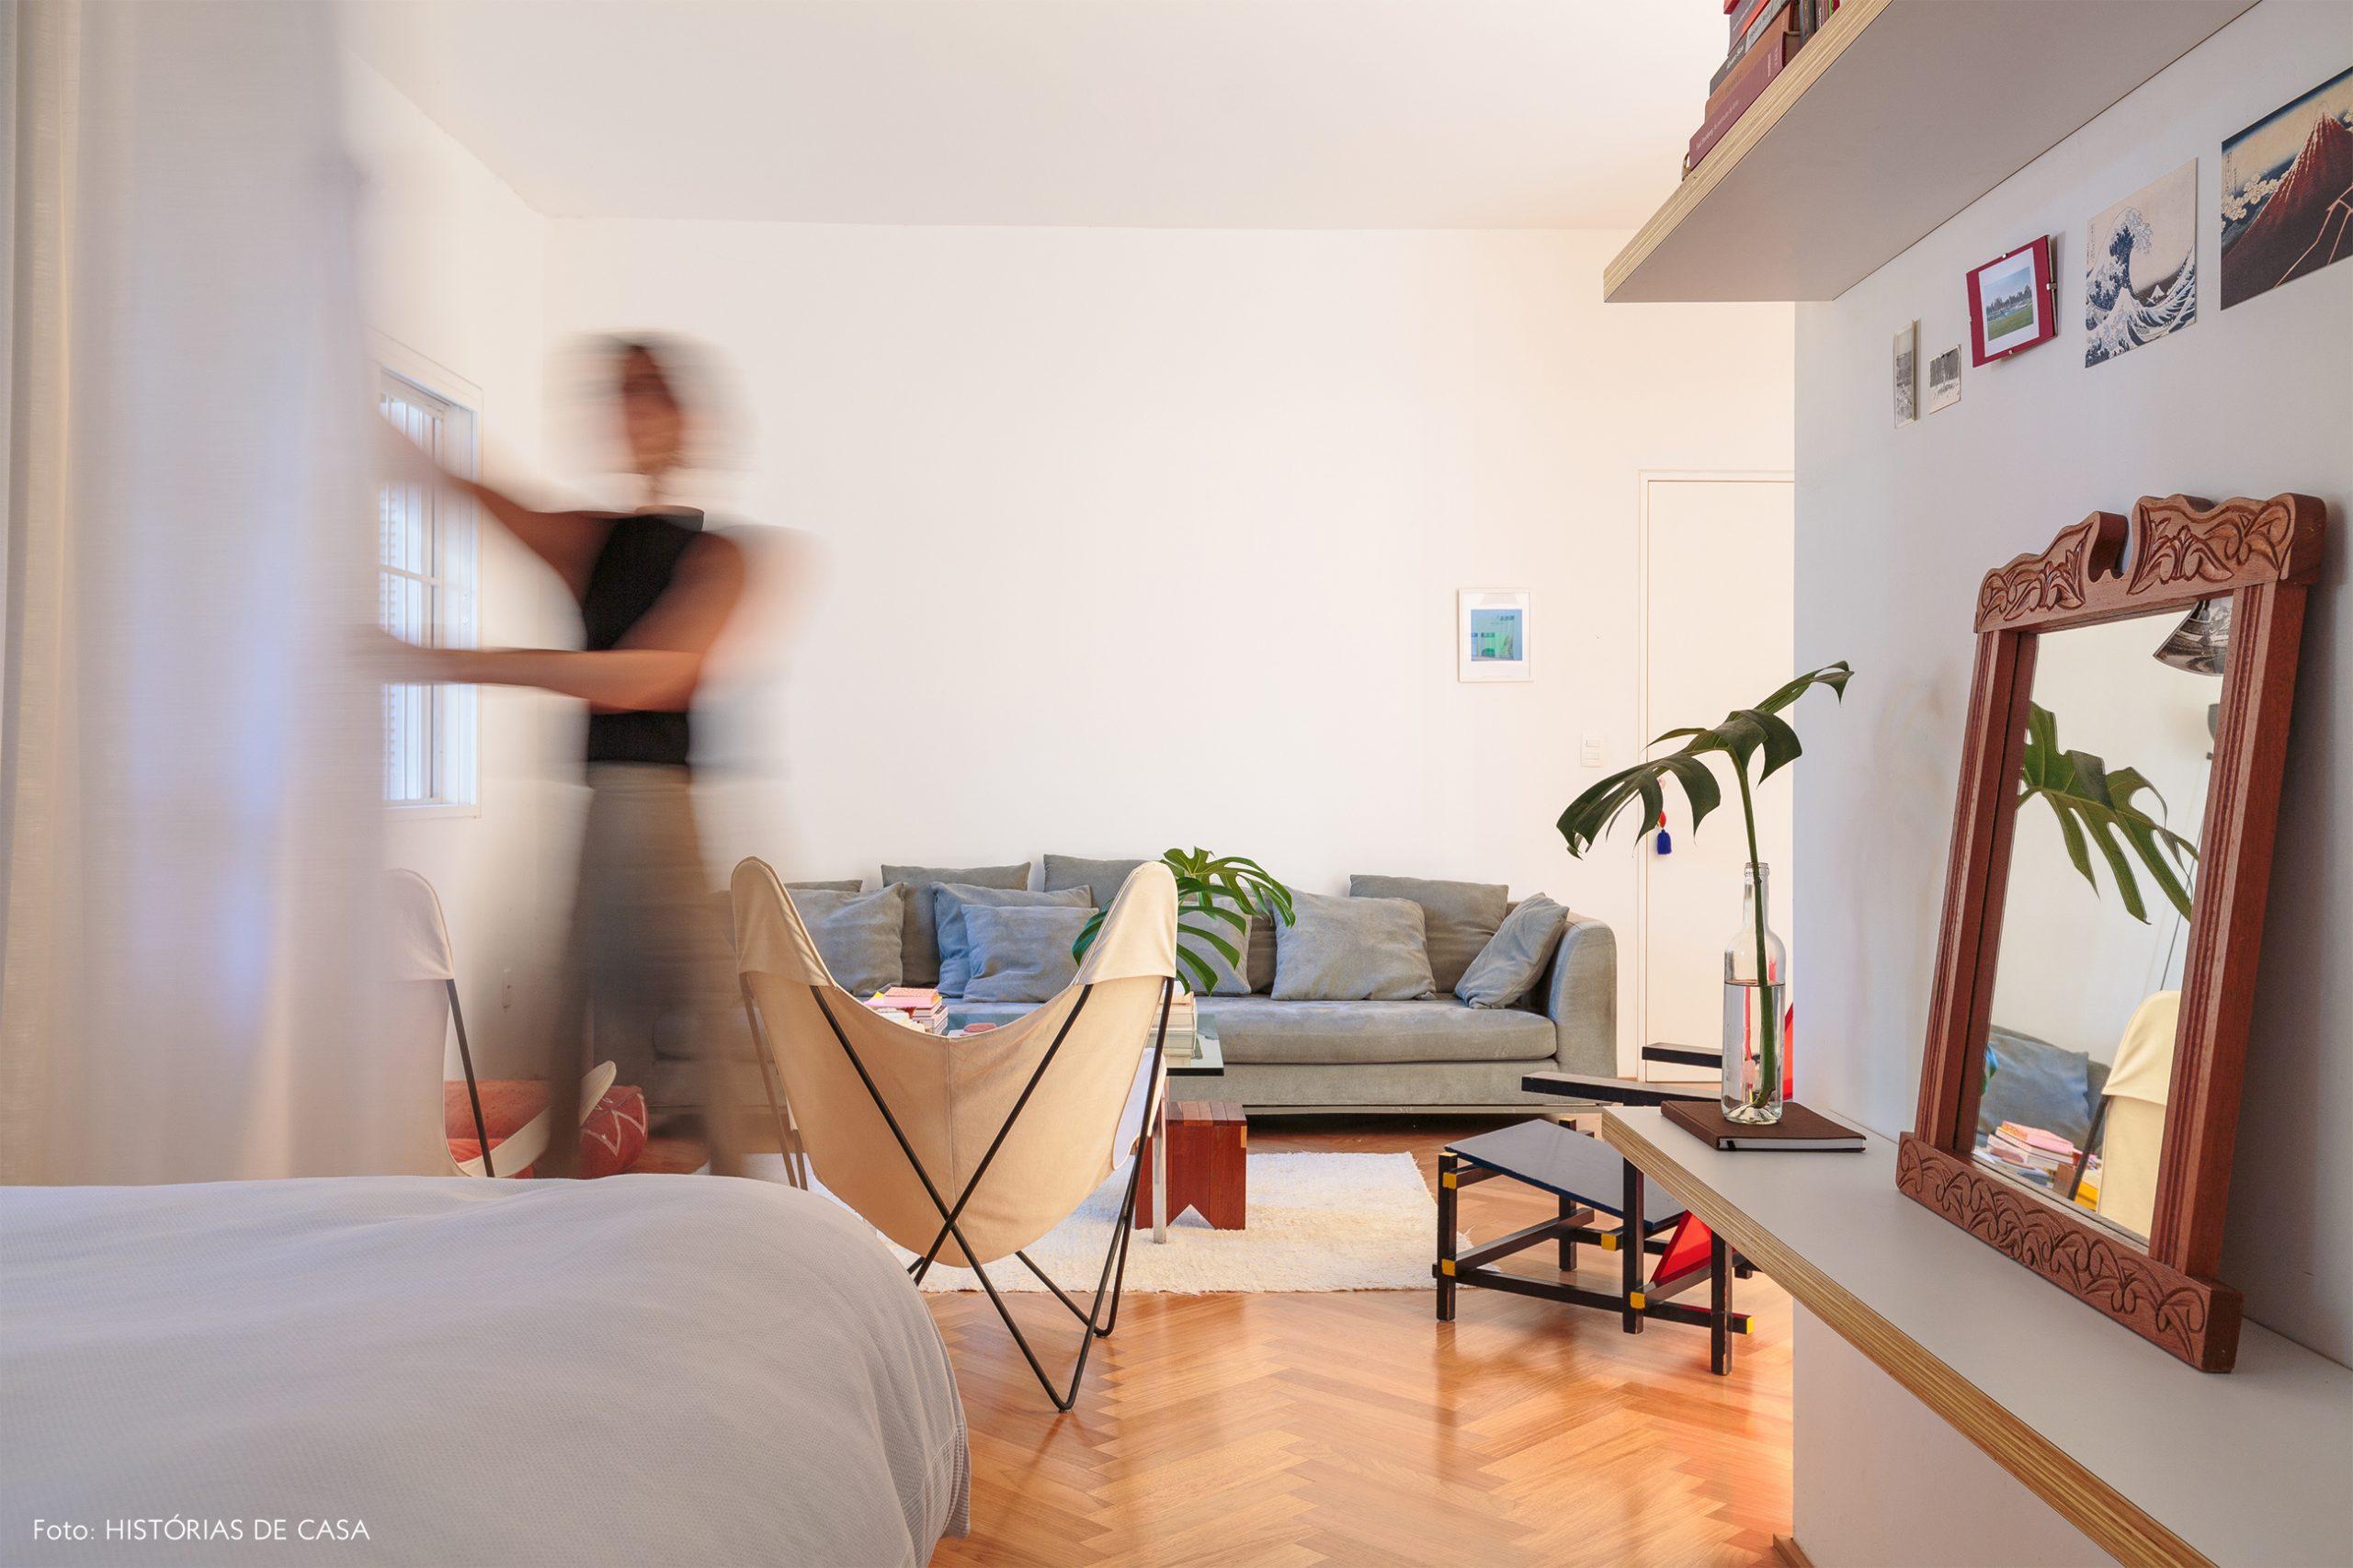 decoração quarto com cortina dividindo ambientes